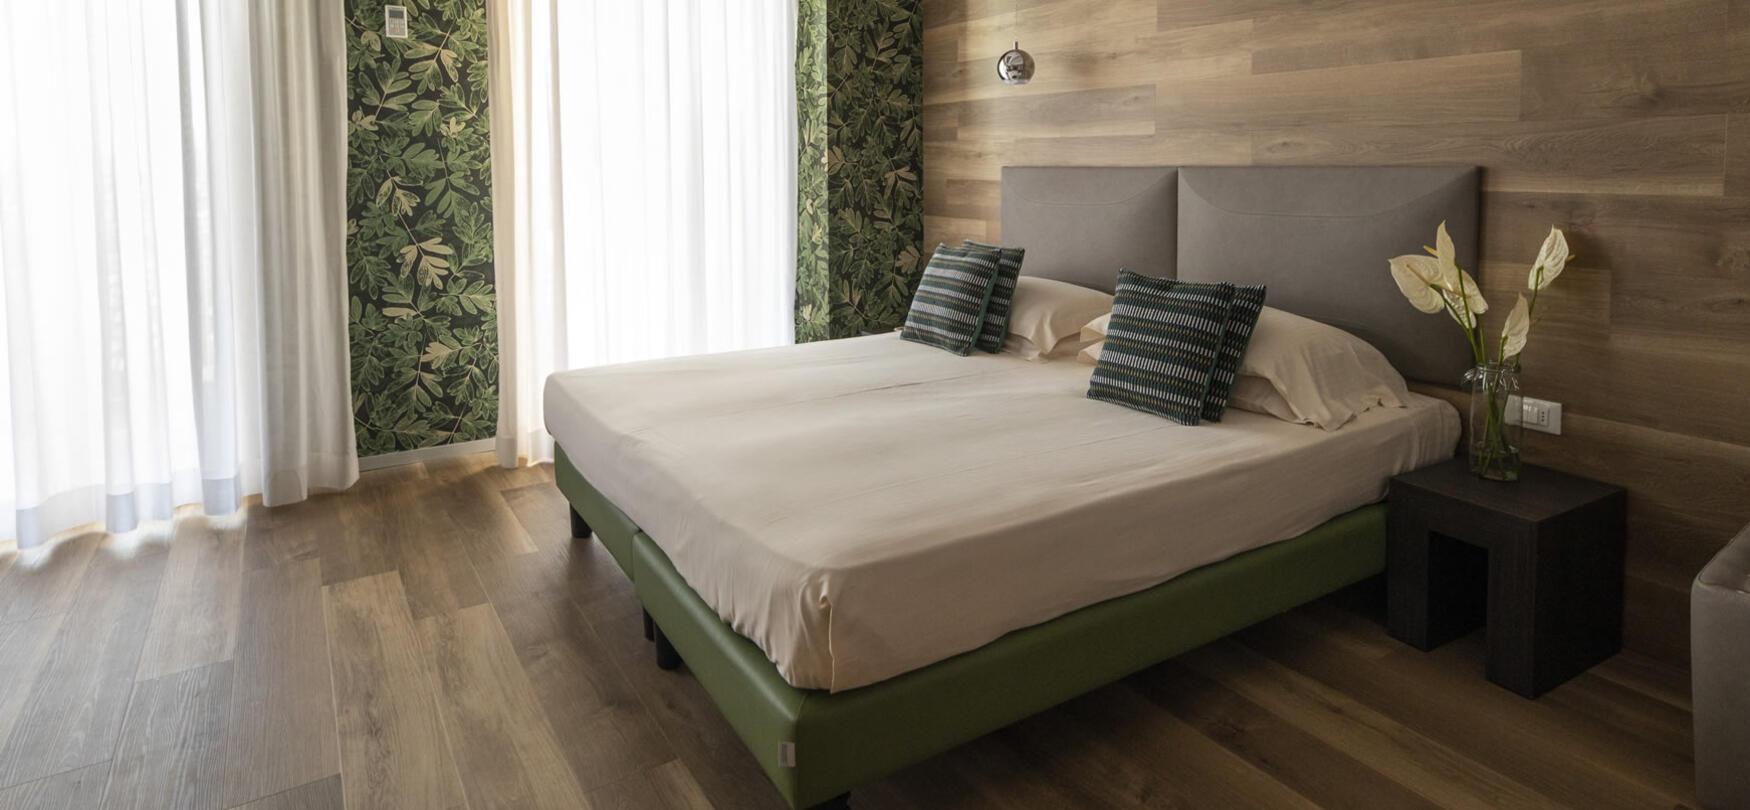 ambienthotels en rooms-hotel-peru 005